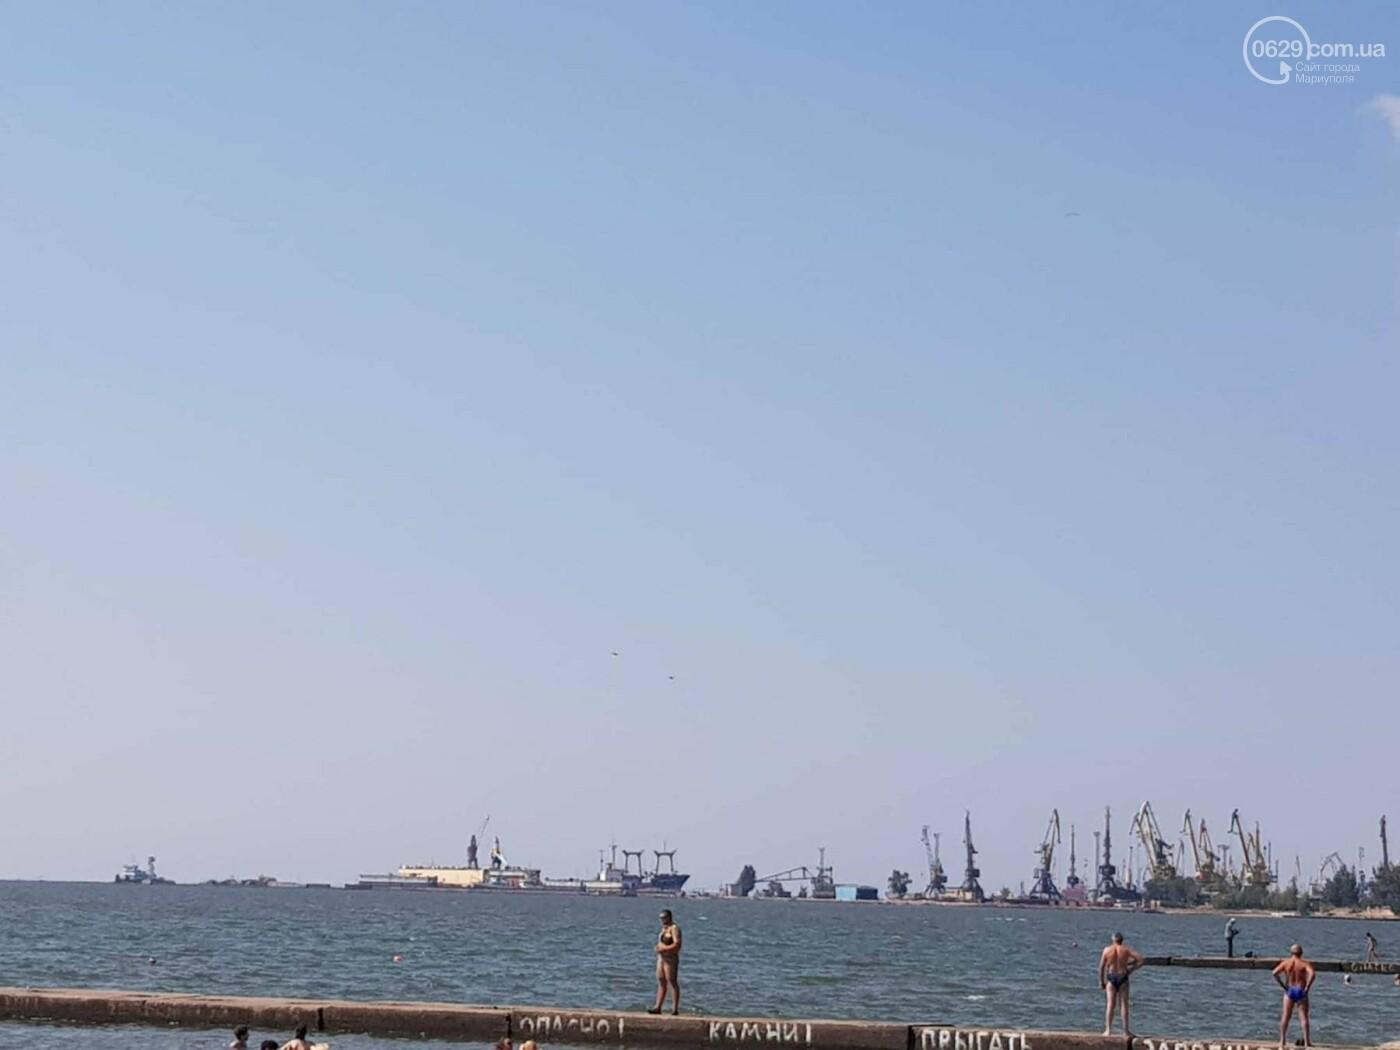 Над Мариуполем пролетели военные самолеты и вертолет, - ФОТО, ВИДЕО, фото-1